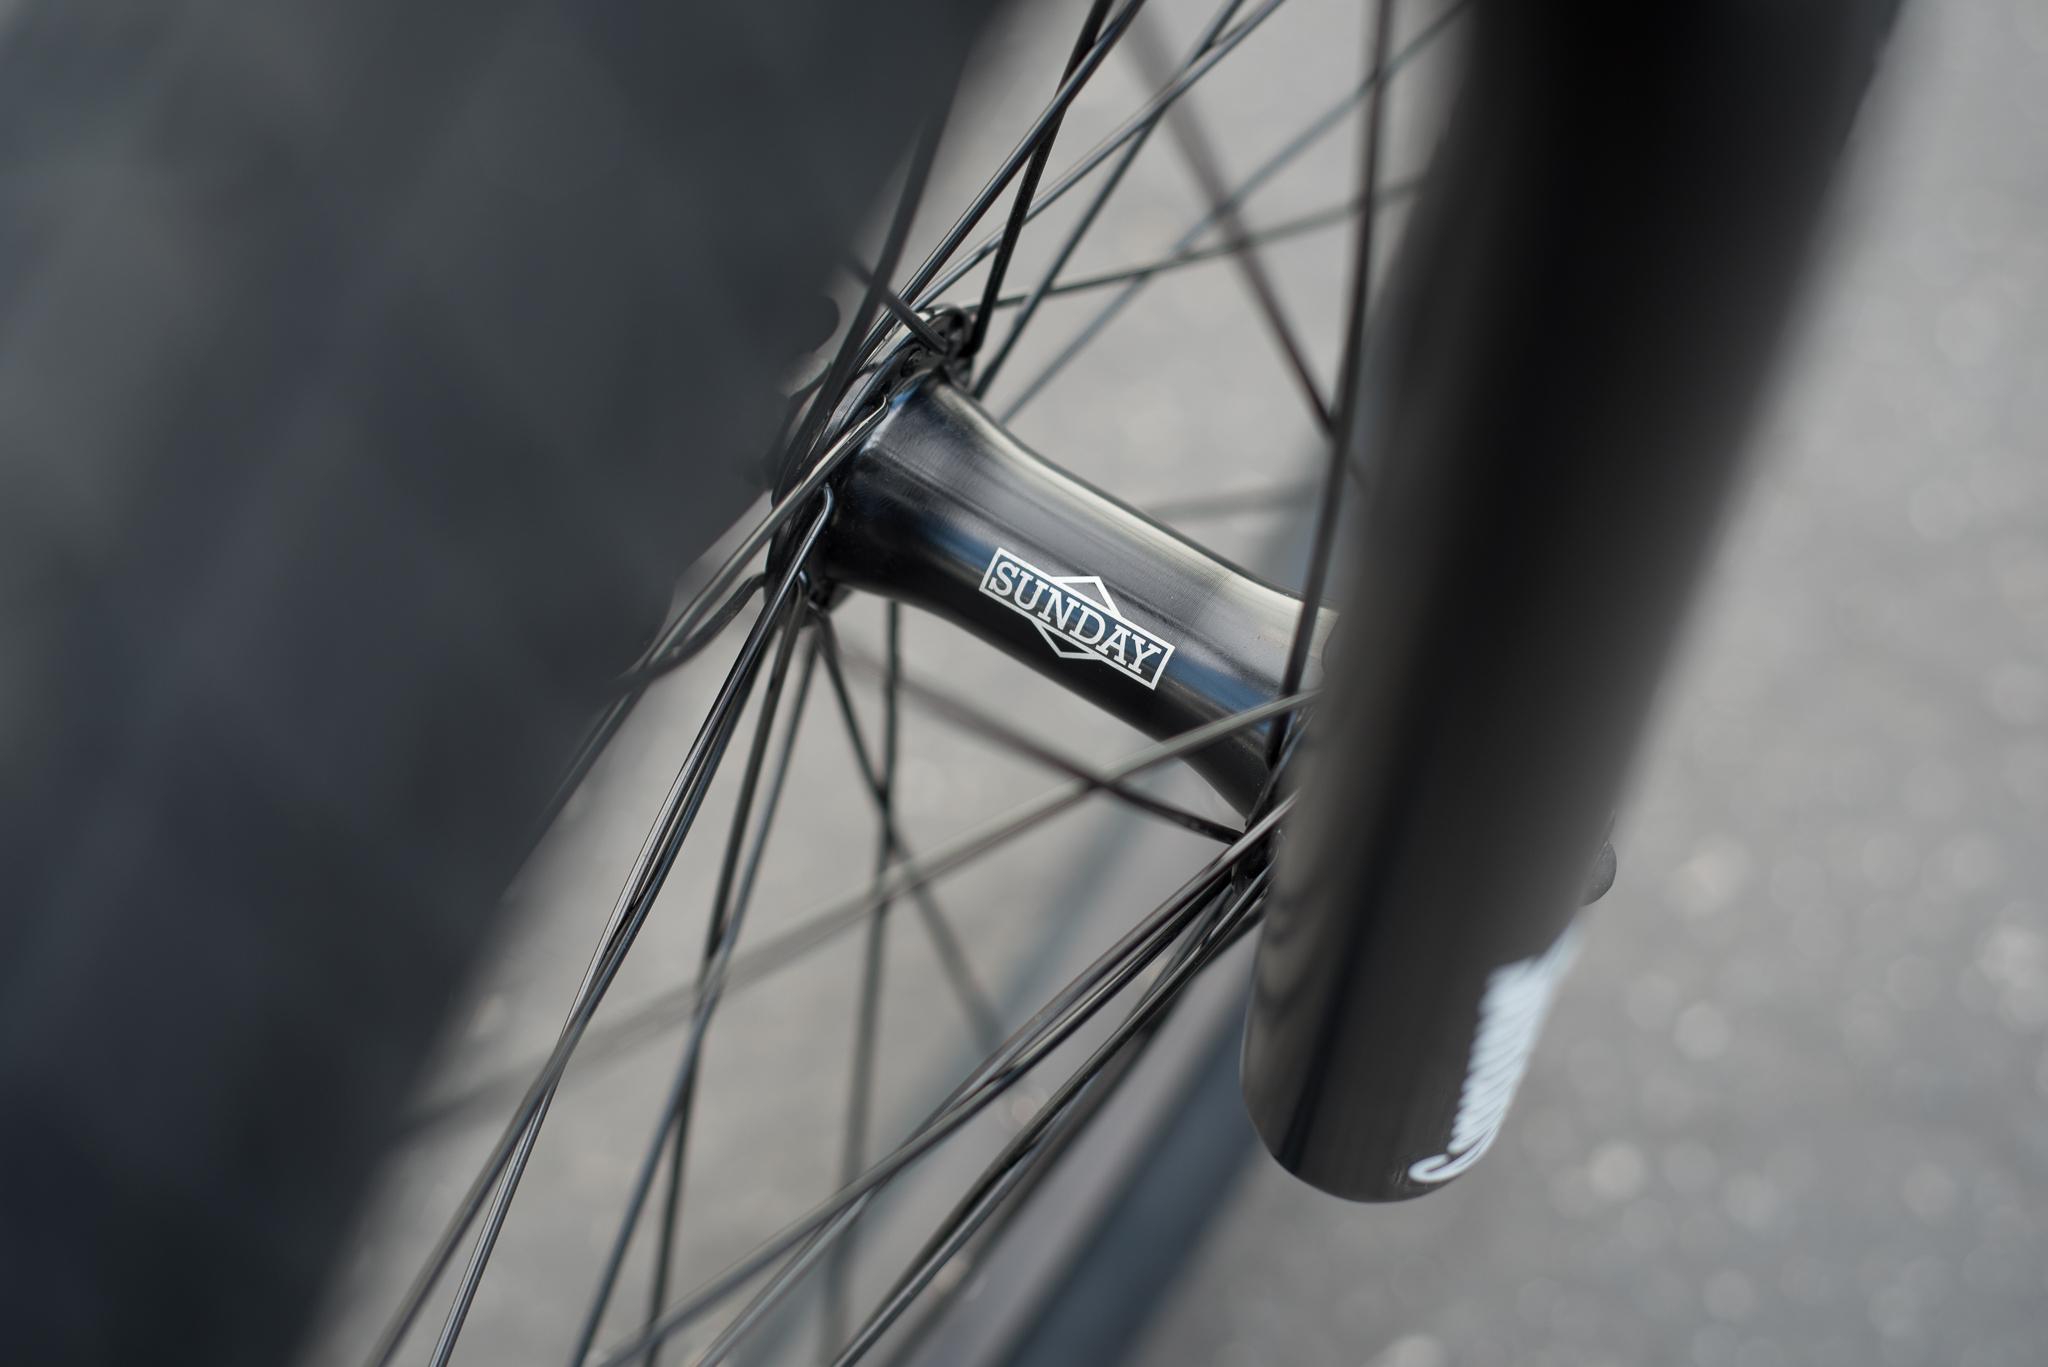 2018 blueprint black sunday bikes i malvernweather Images